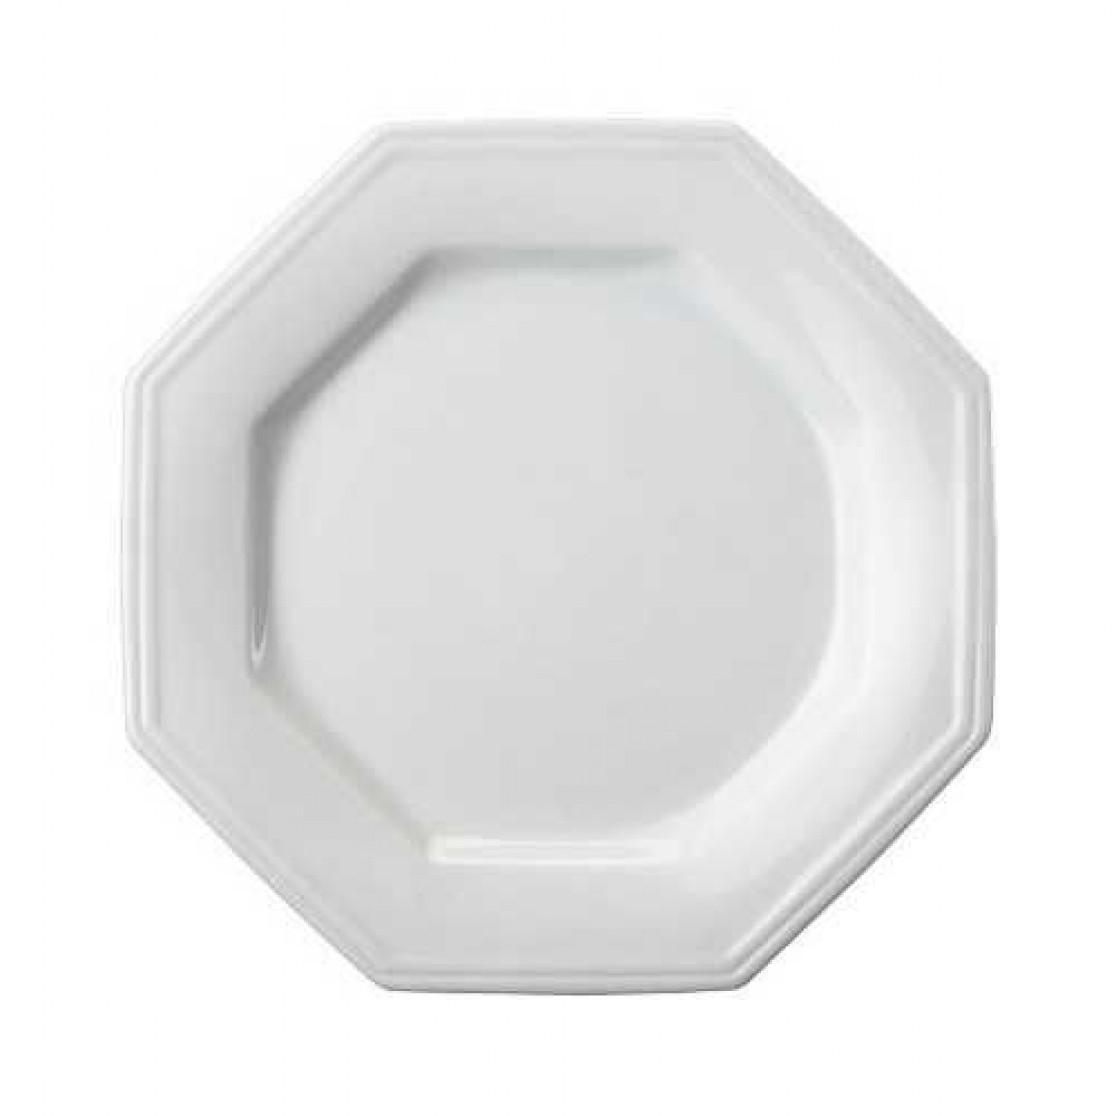 Prato de Sobremesa Prisma em Porcelana - Schmidt